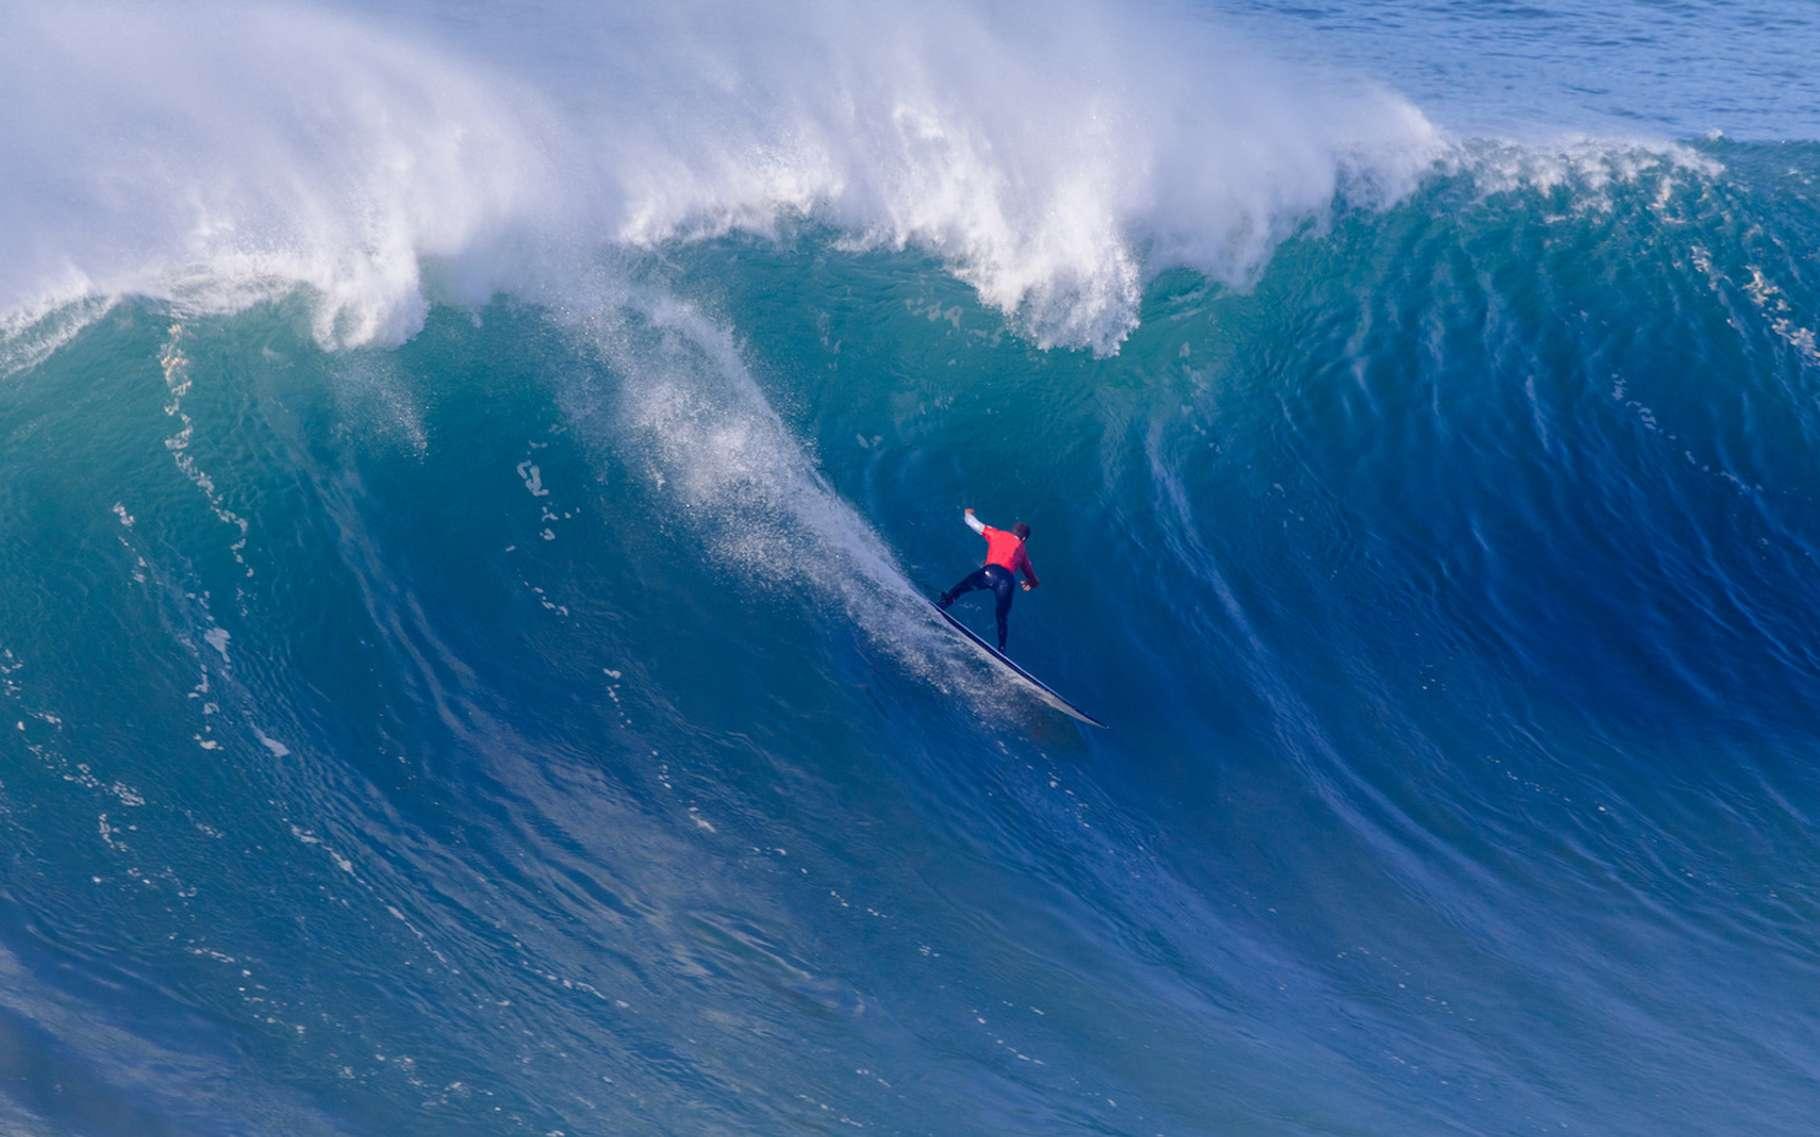 C'est à Nazaré (Portugal) que l'on trouve les plus grosses vagues surfables du monde. © moedas1, Fotolia